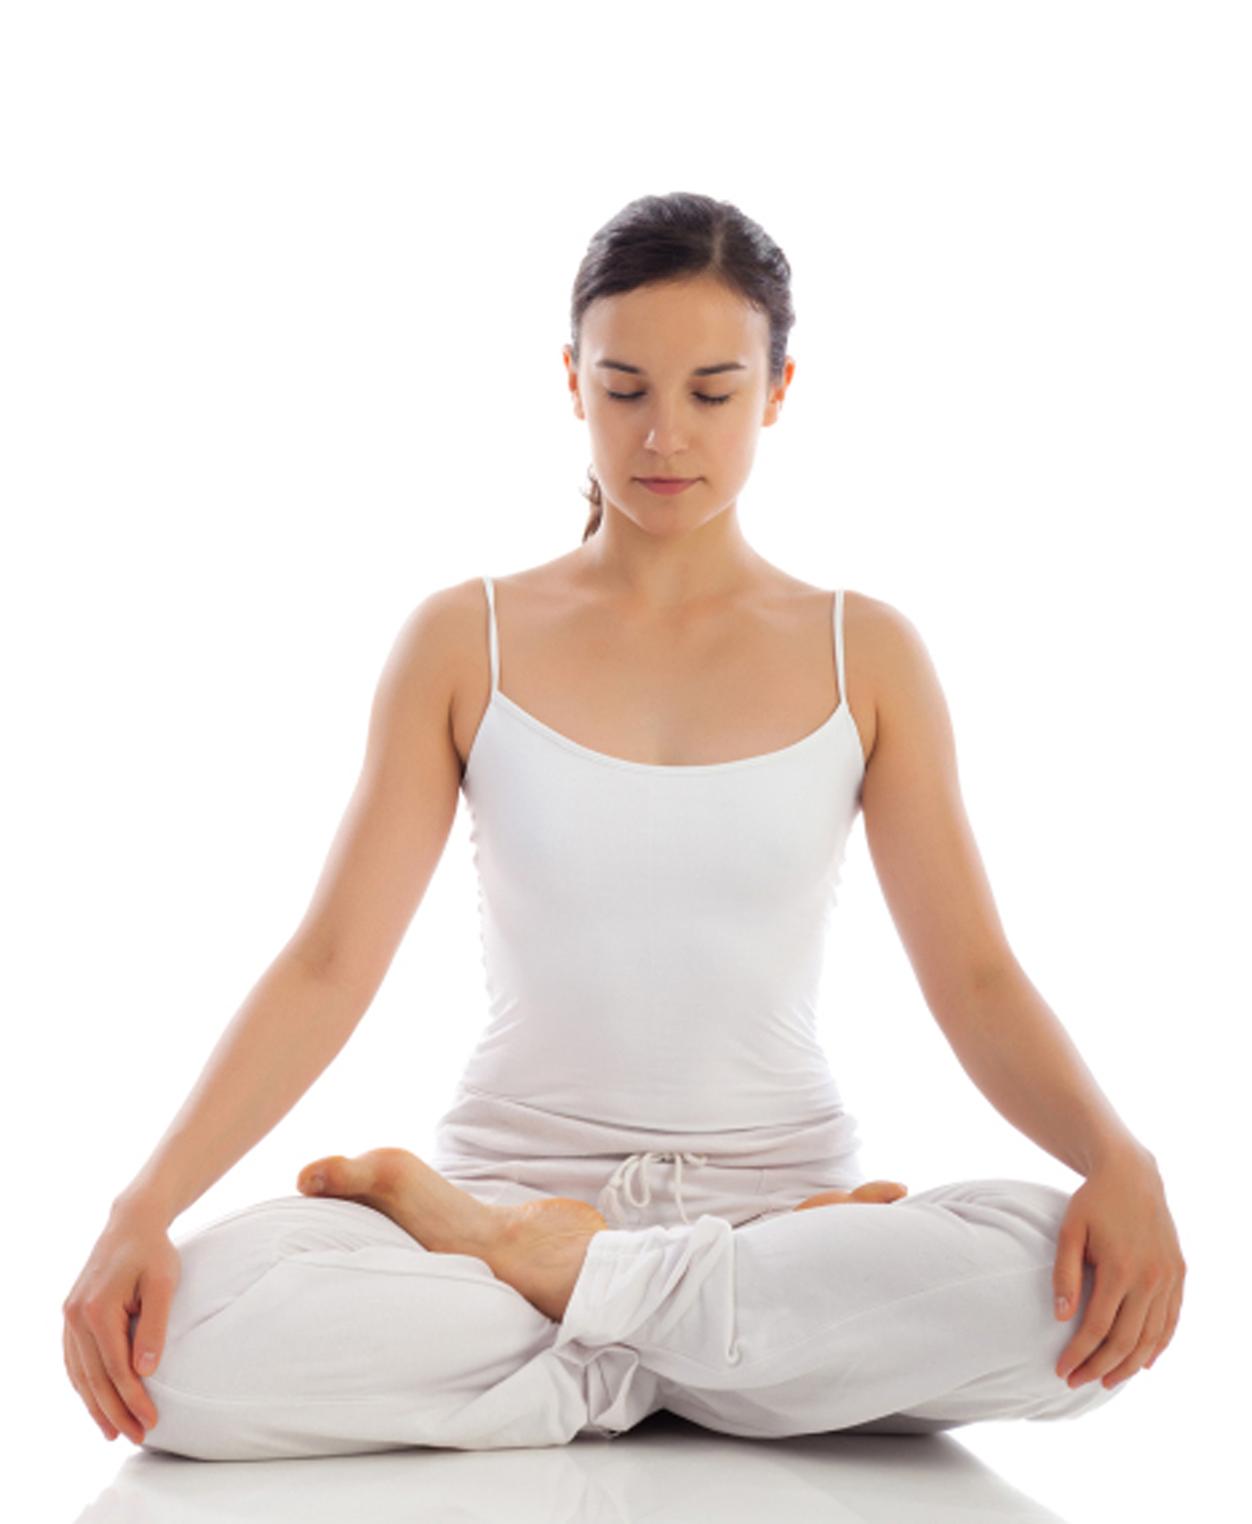 Yoga Meditation Pose Prana Yoga Asan...